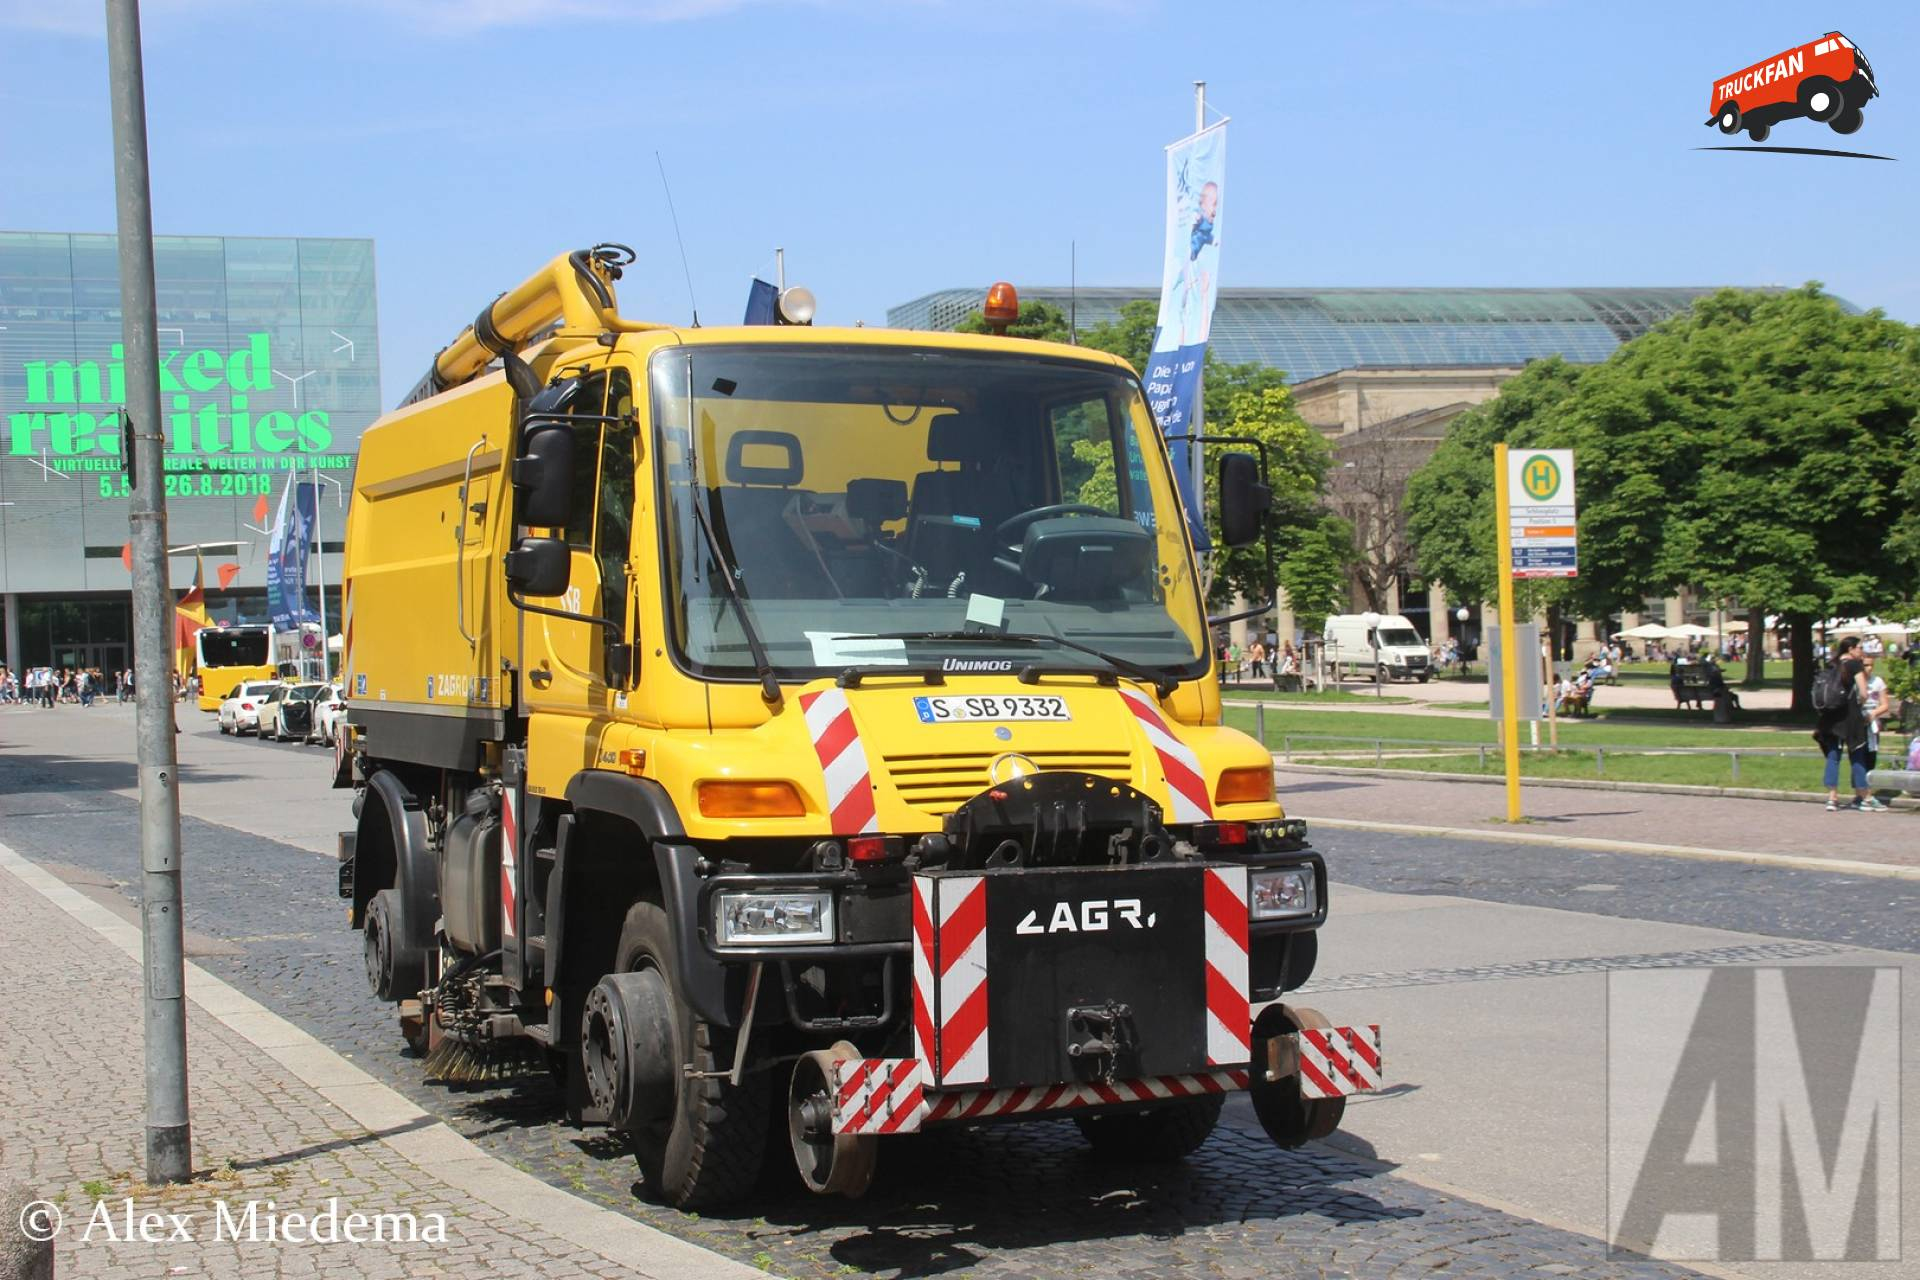 Unimog U400